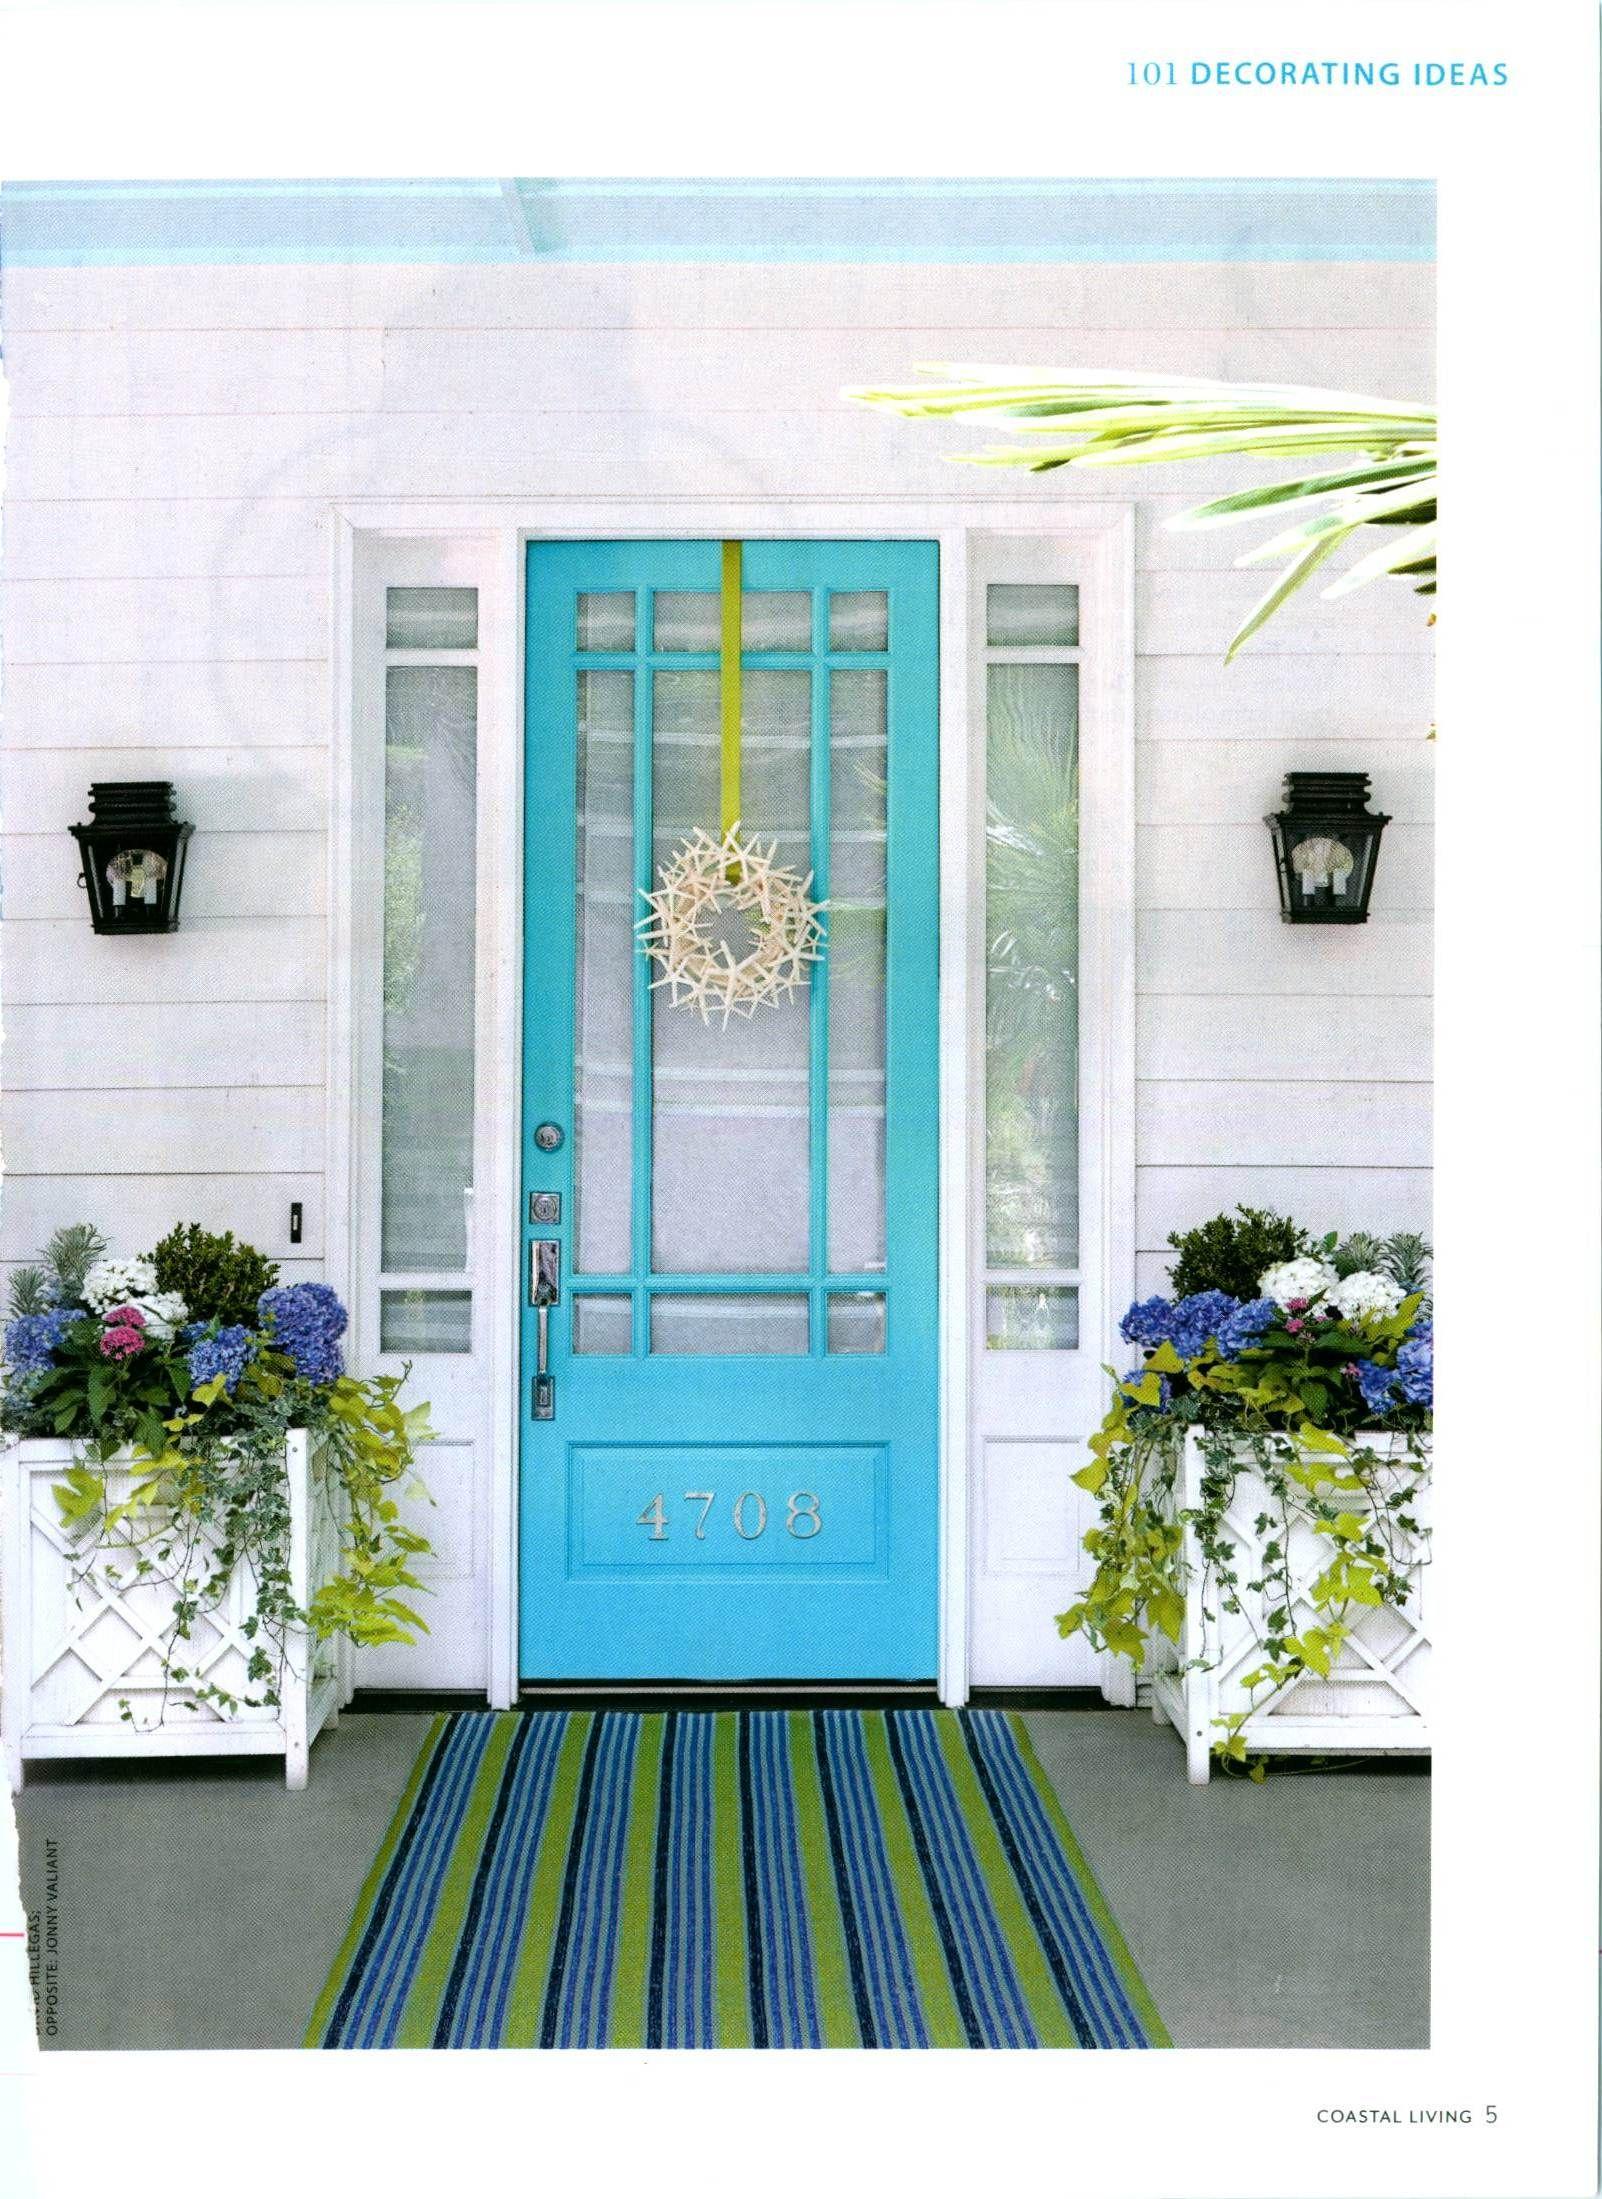 Feng shui front door feng shui crystals - Feng shui front door colors ...